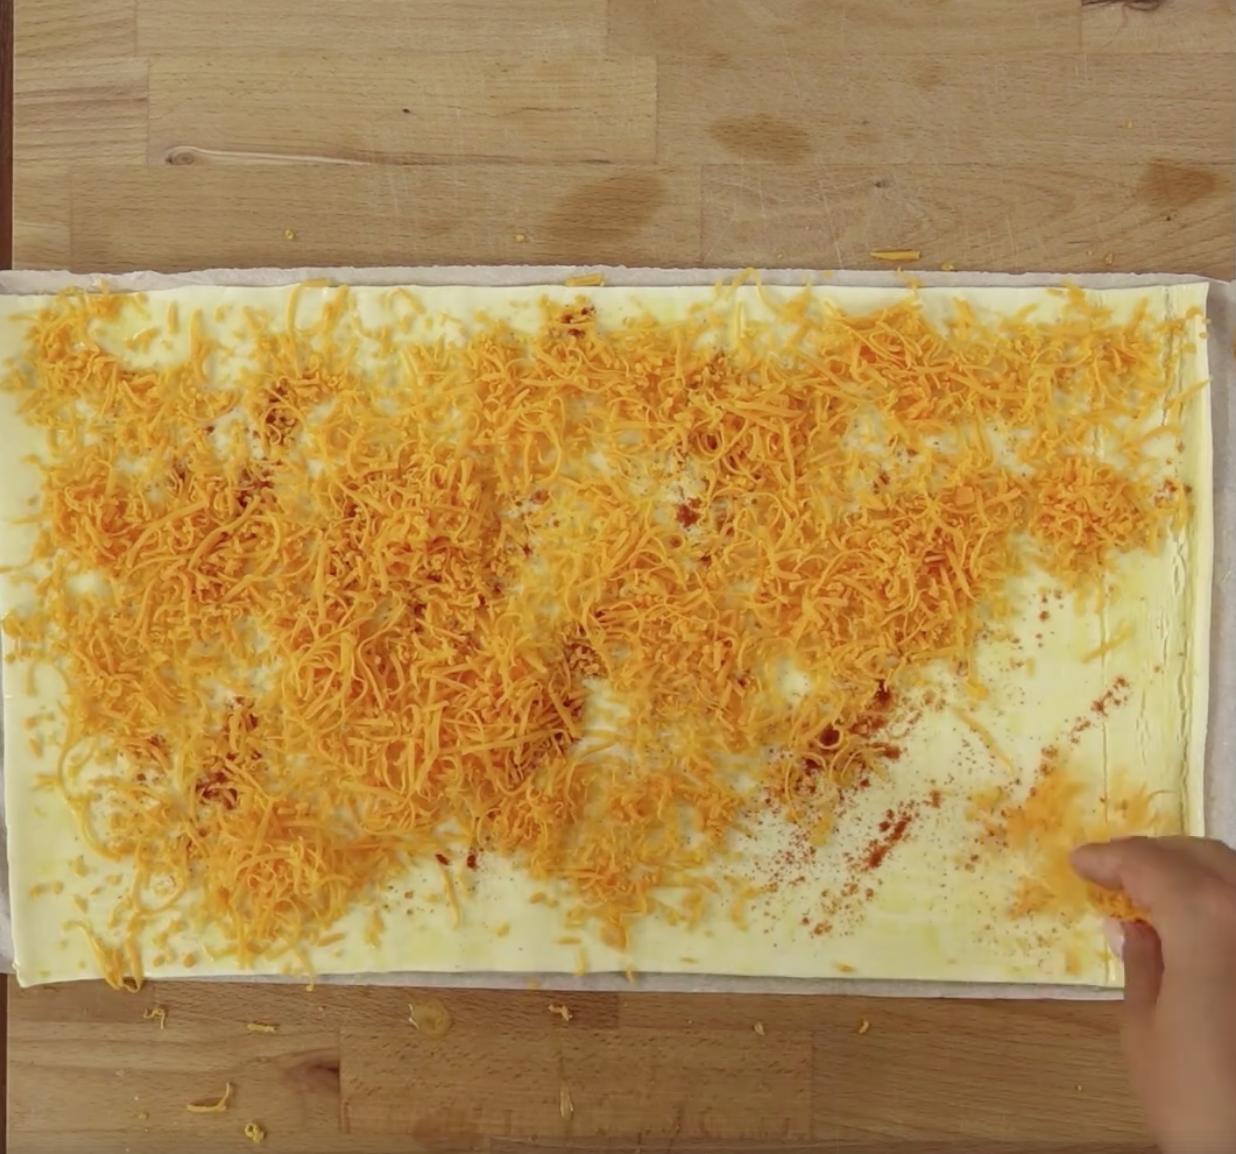 Równomiernie posyp ciasto francuskie startym serem cheddar.